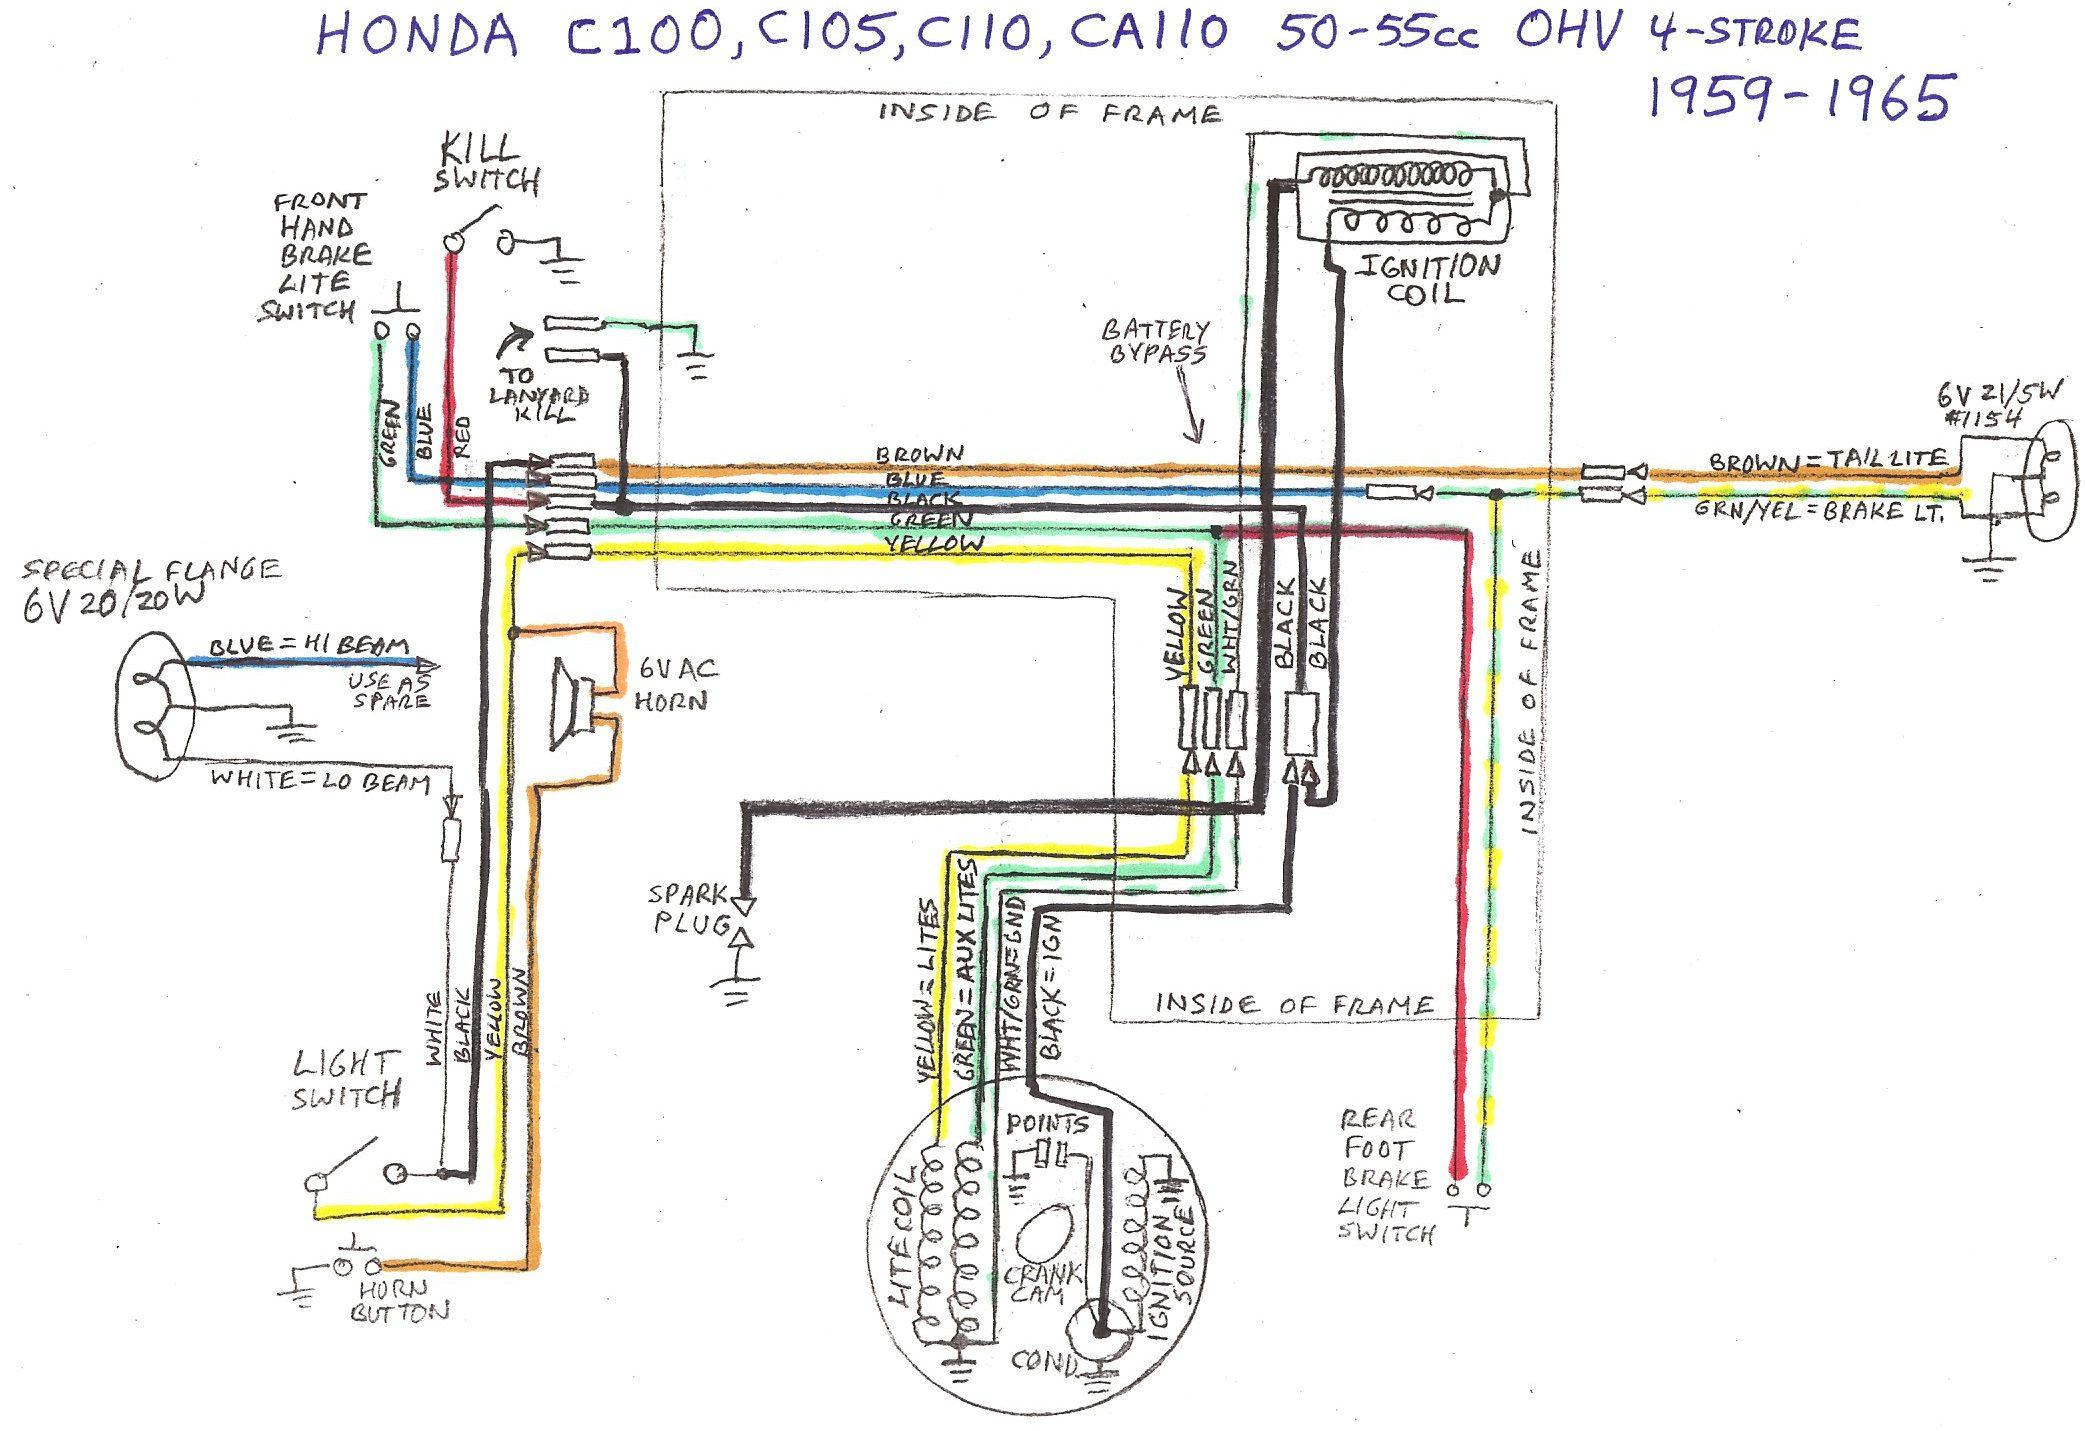 Pin by Michael P on Honda Cub | Diagram, Honda cub, Honda